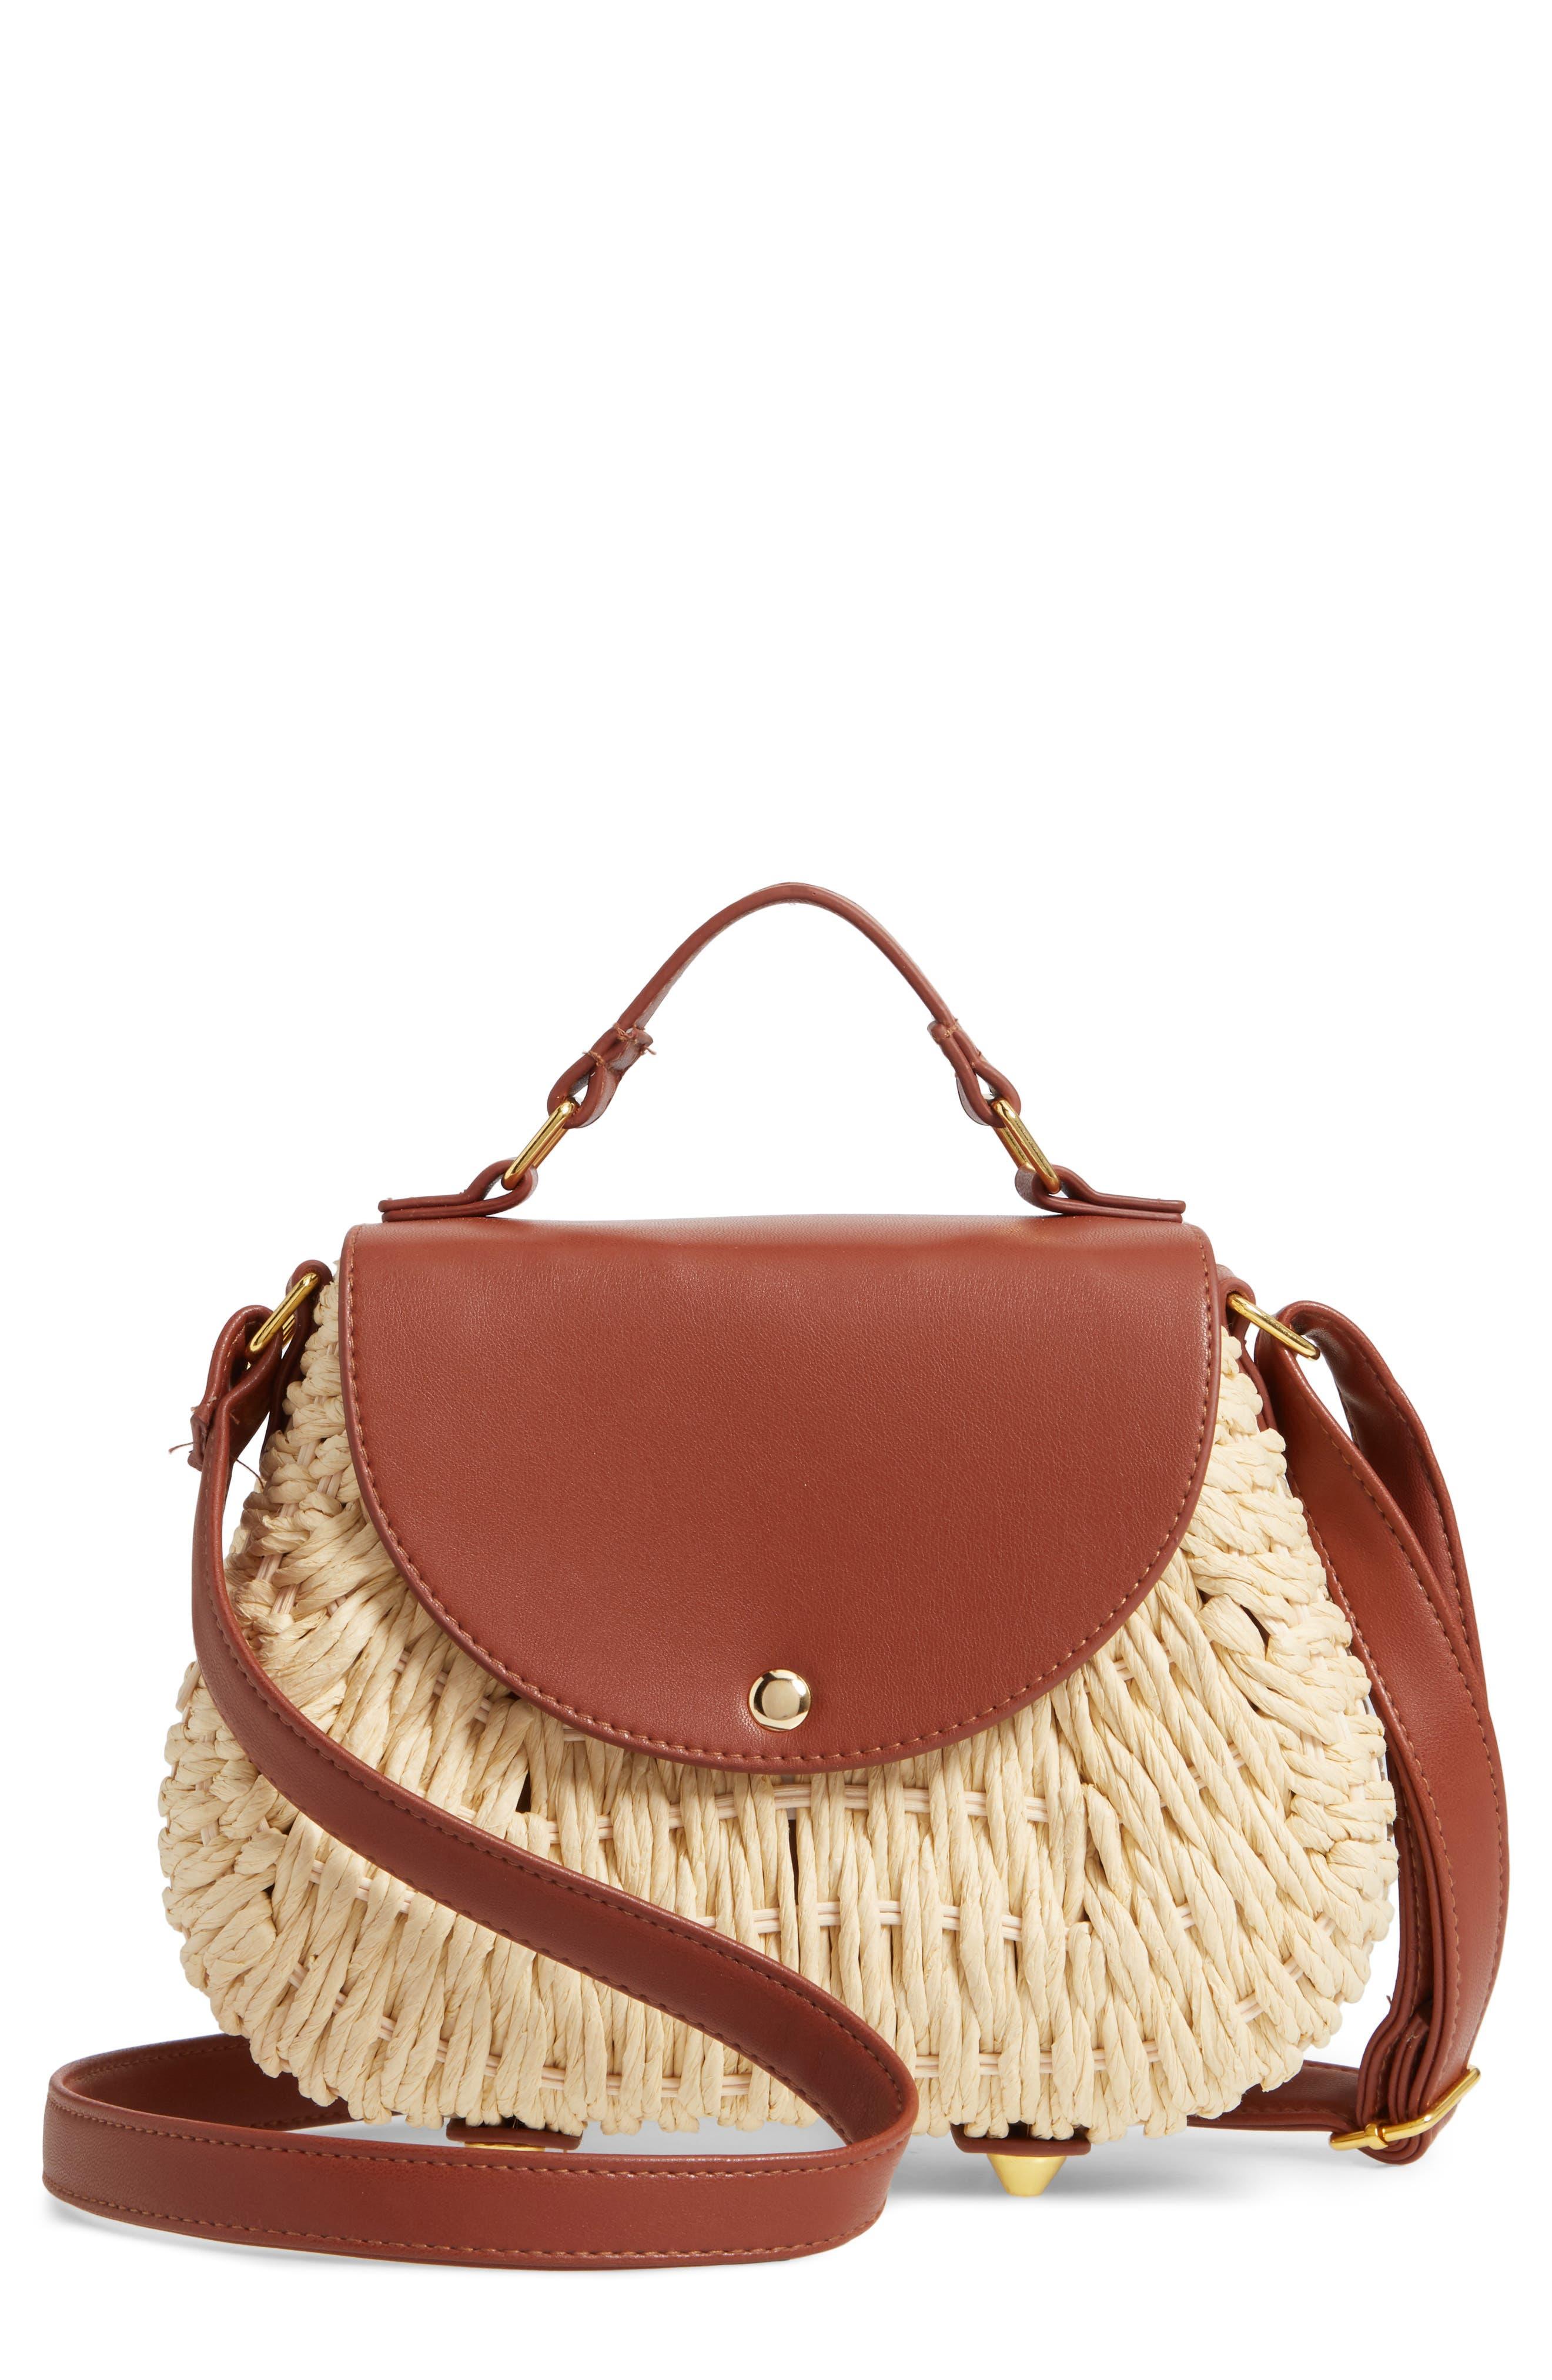 Faux Leather Trim Straw Saddle Bag, Main, color, NATURAL/ COGNAC